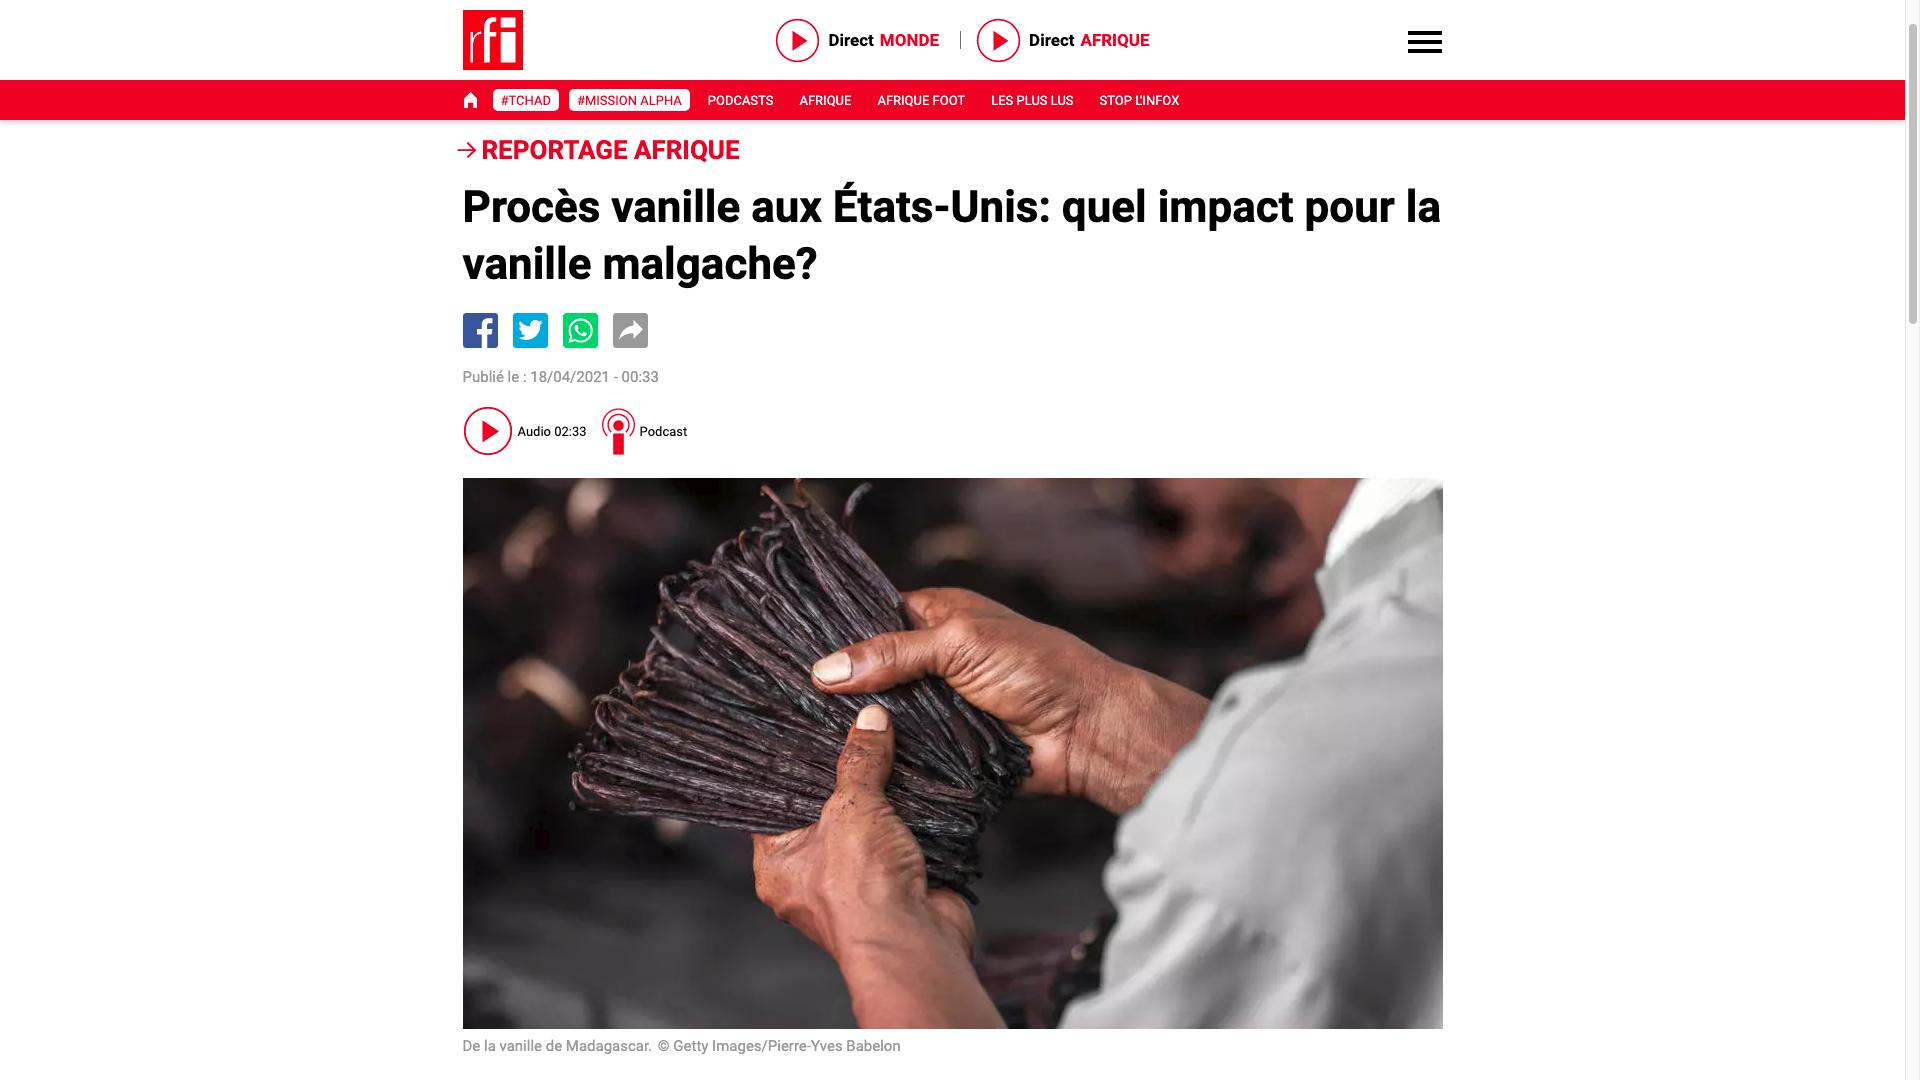 RFI Vanille malgache